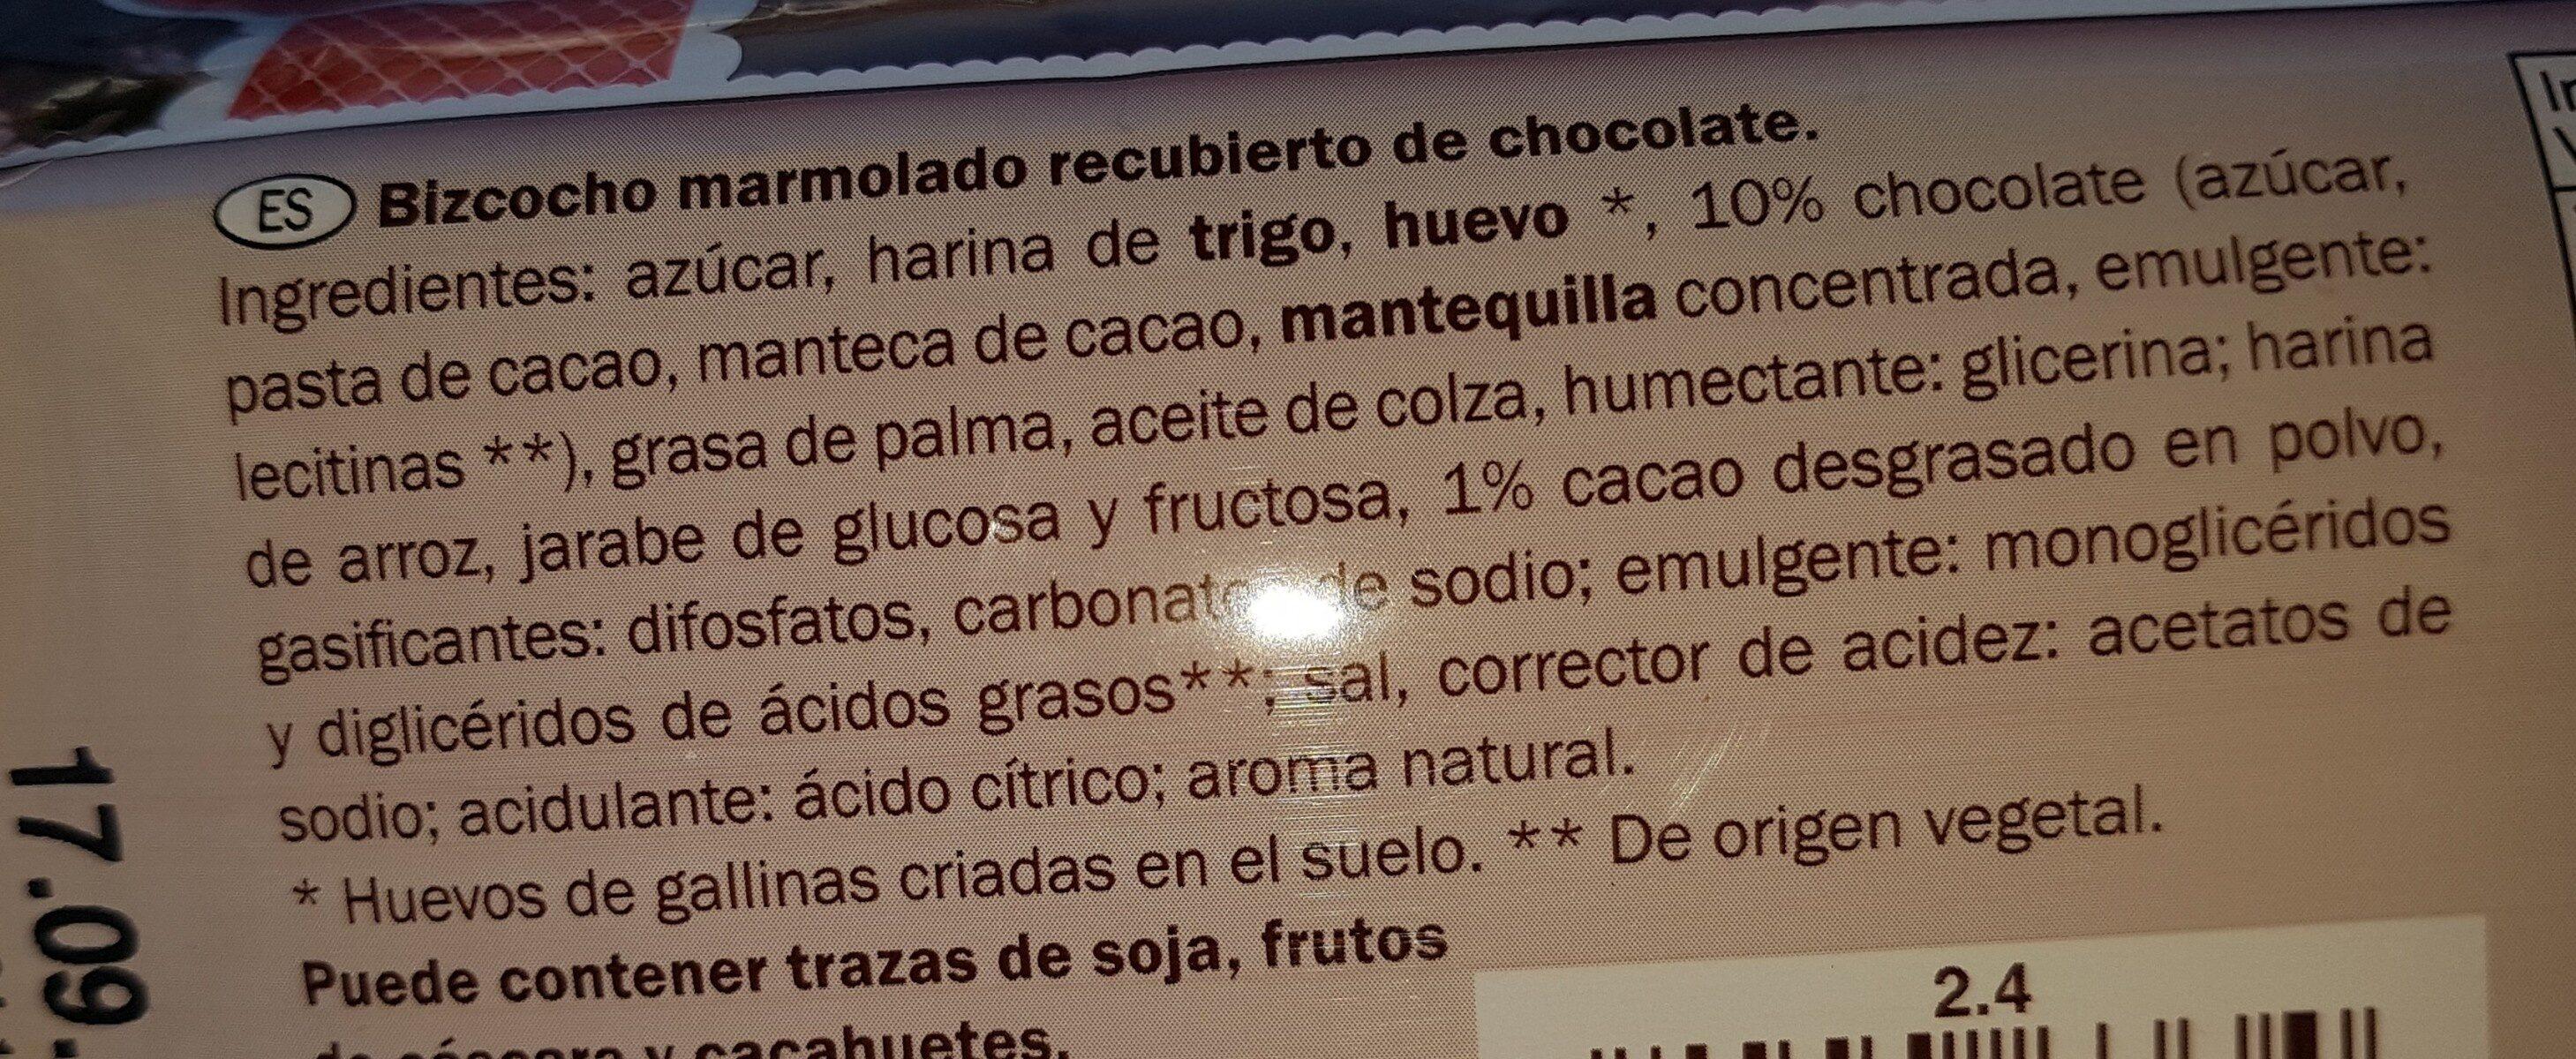 Marmolado Firenze 400g. - Ingredients - es